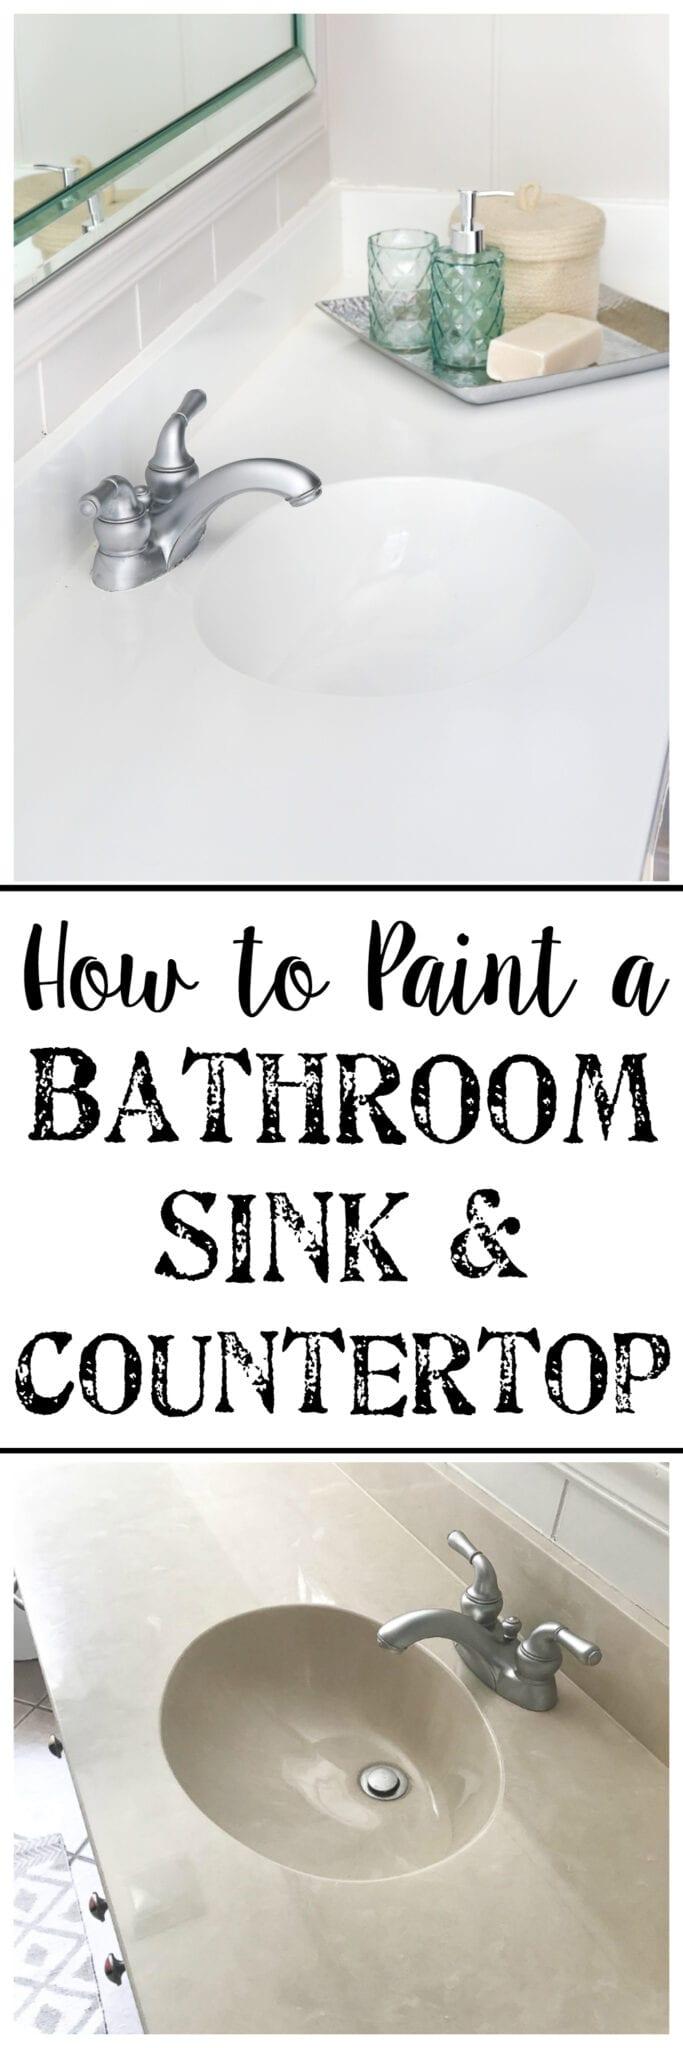 Bathroom Sinks Countertop diy painted bathroom sink countertop - bless'er house